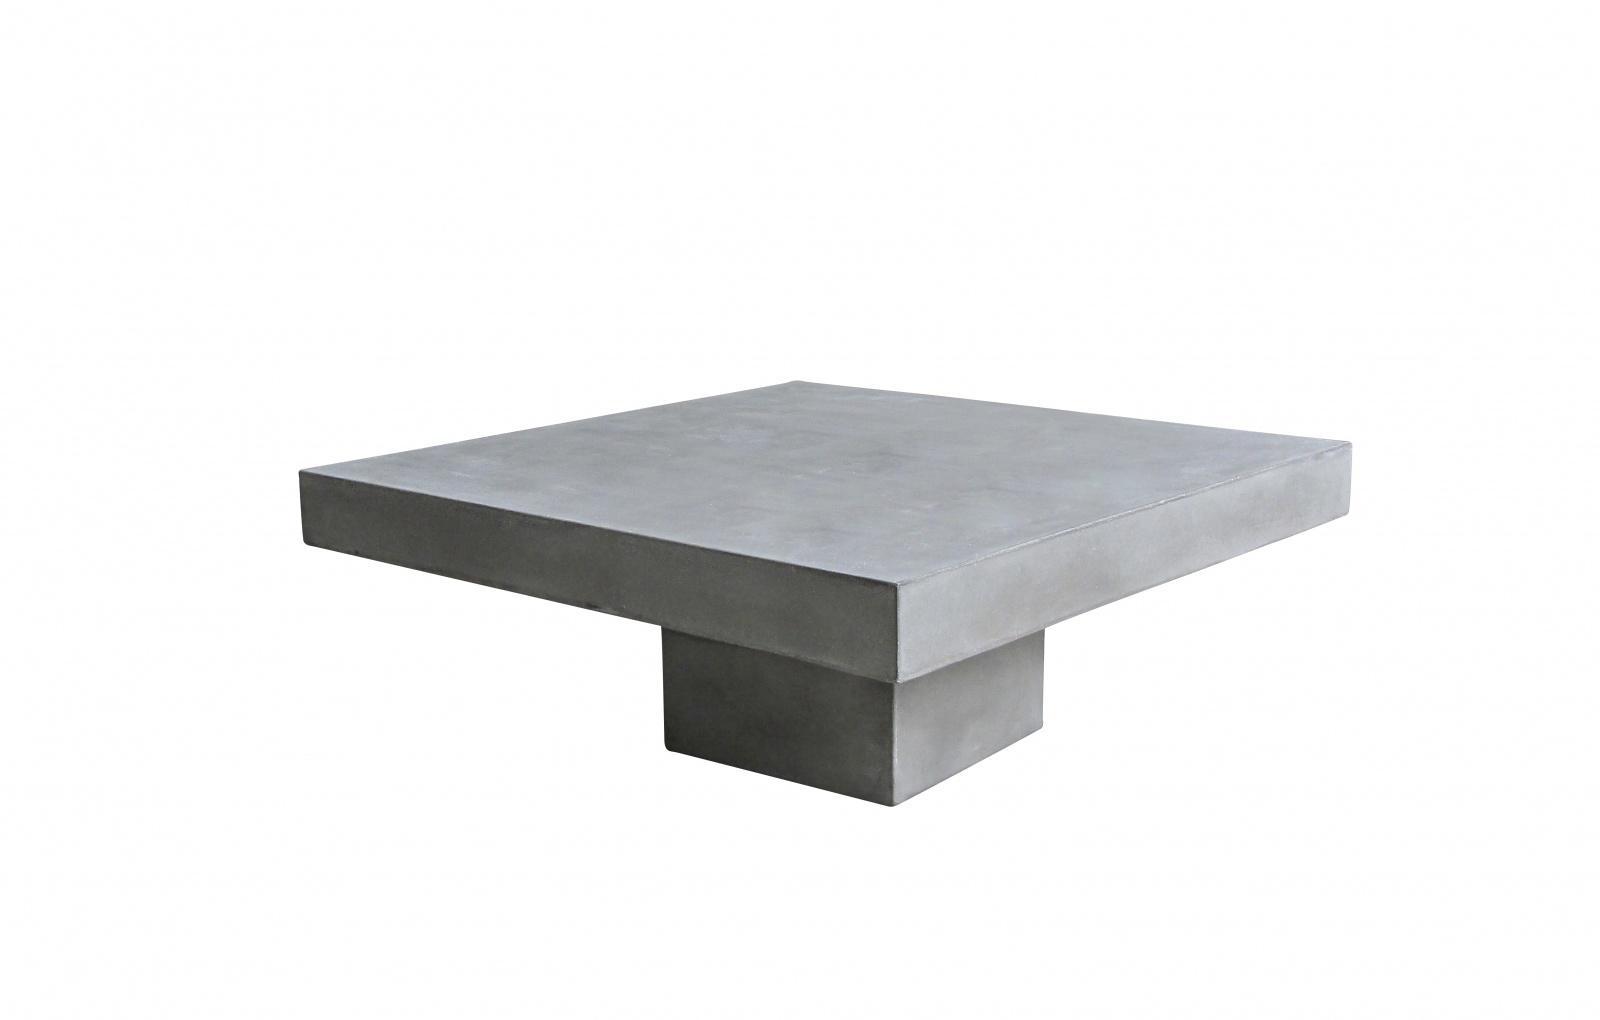 Couchtisch Camant 80x80 aus Beton - Kaufen bei Möbel-Lux